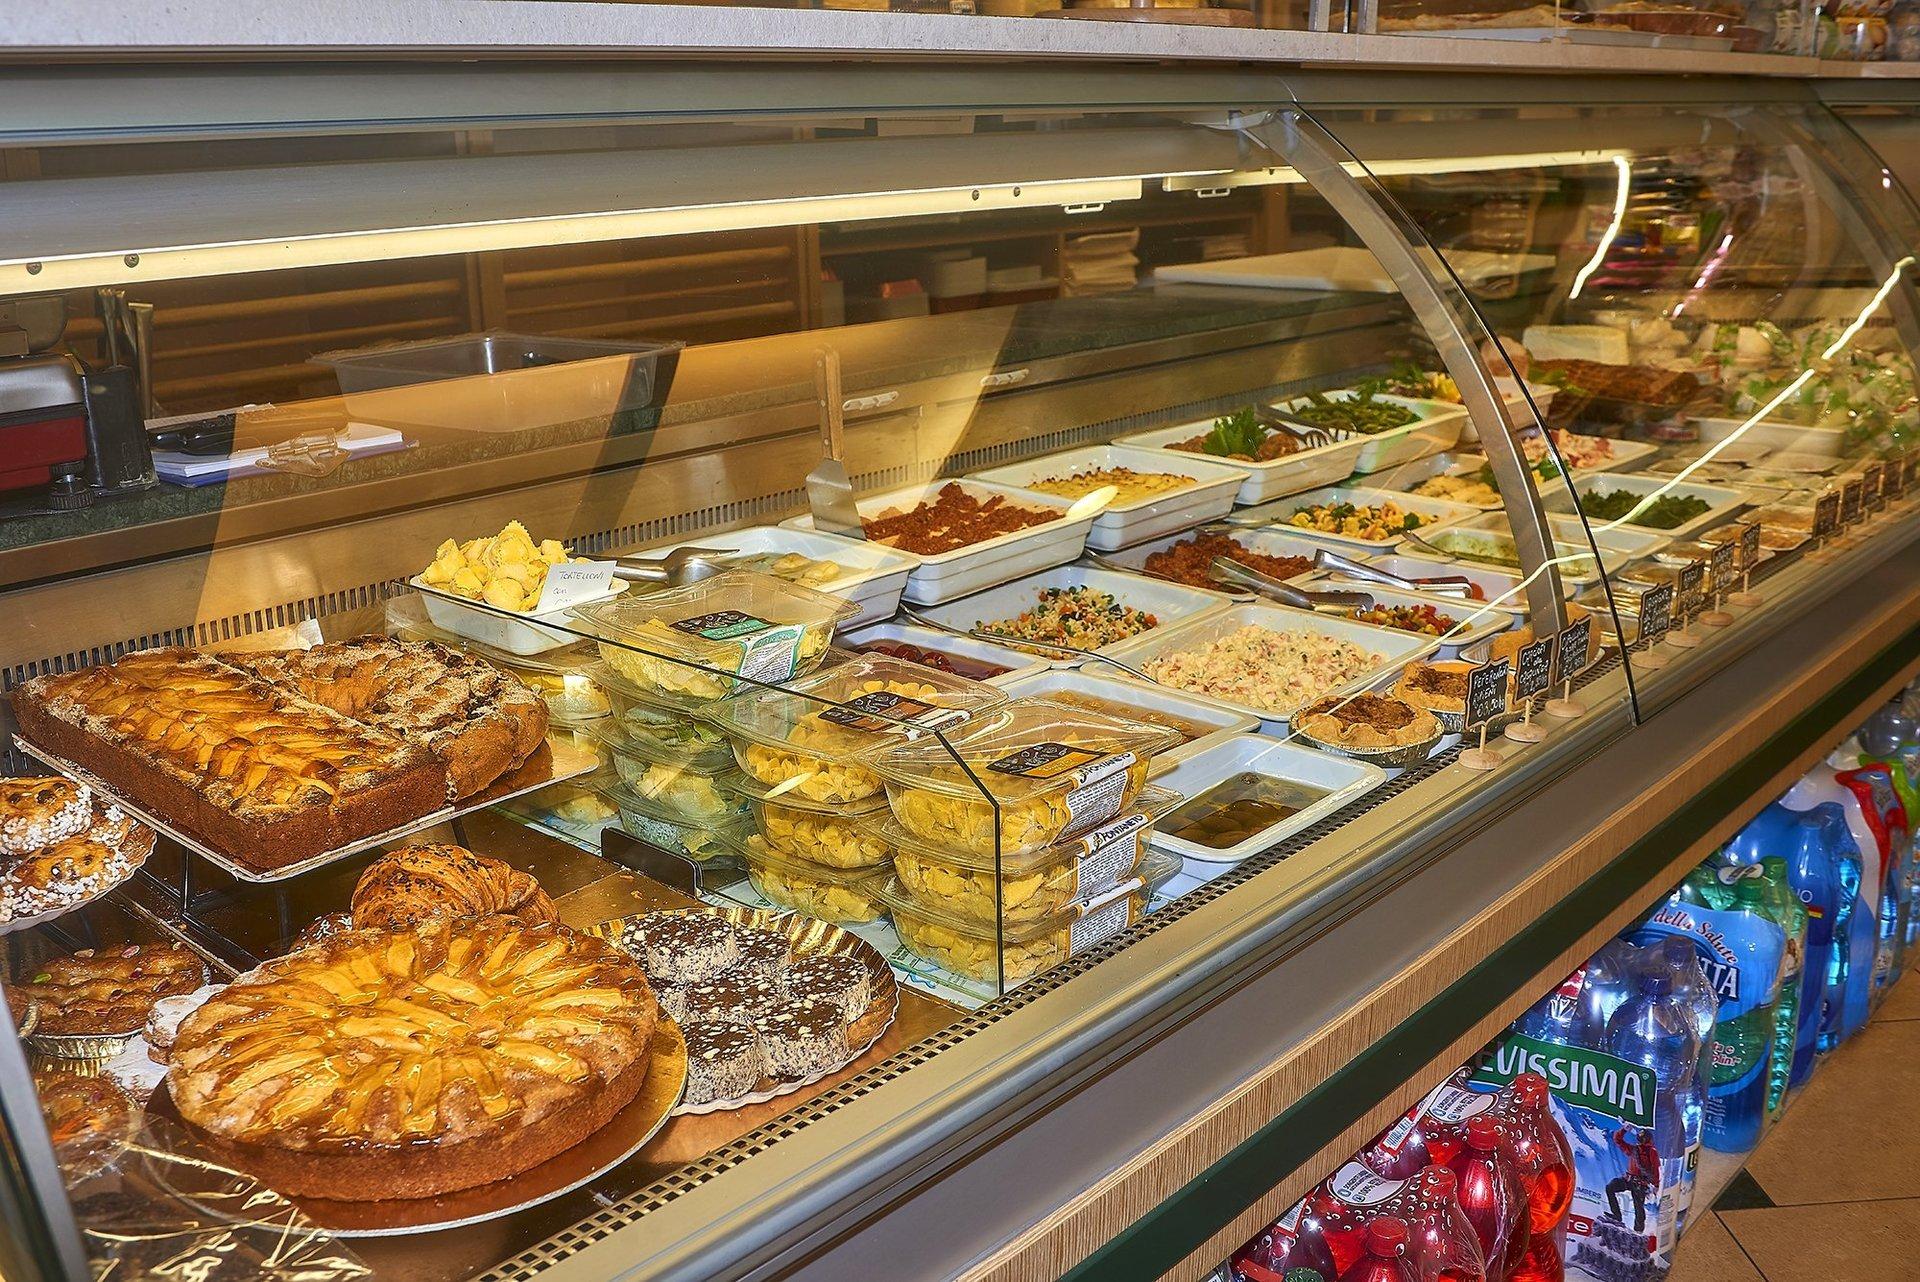 pasta, dolci, torte salate, secondi piatti ed altri prodotti alimentari nel bancone di una gastronomia